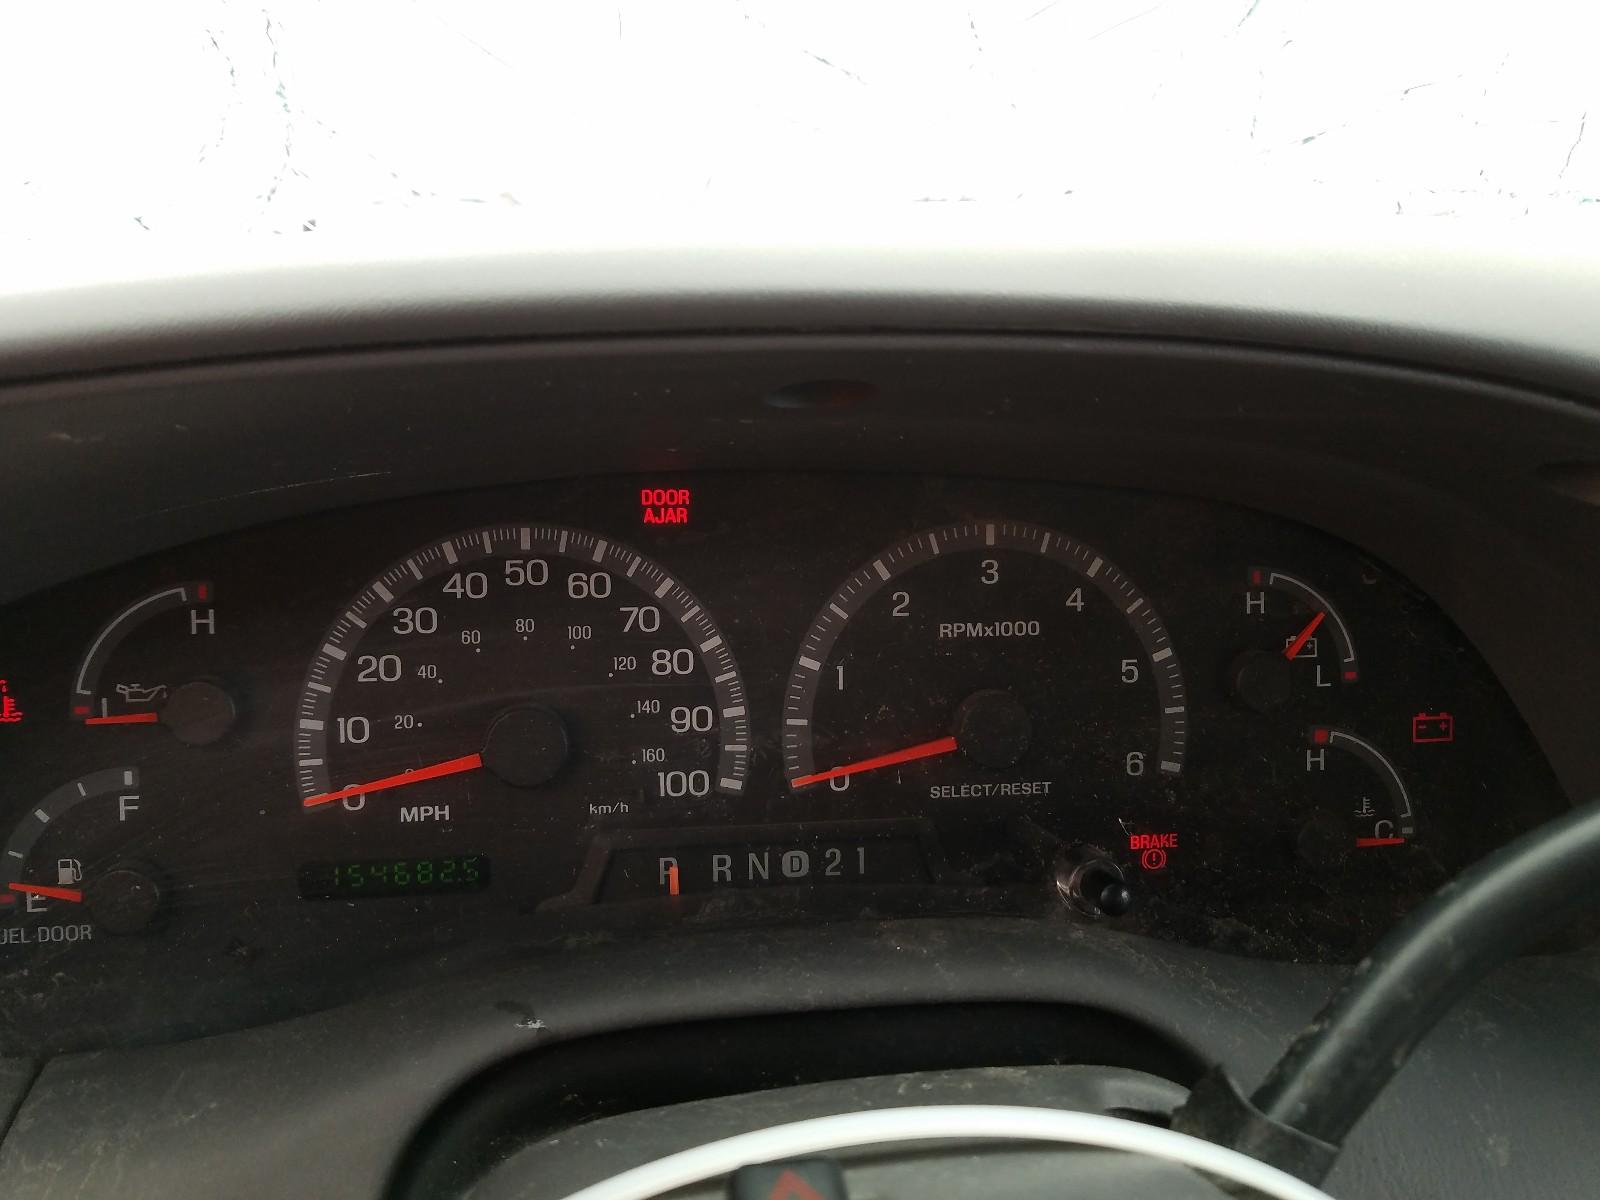 1FTRW08L01KB33707 - 2001 Ford F150 Super 5.4L front view